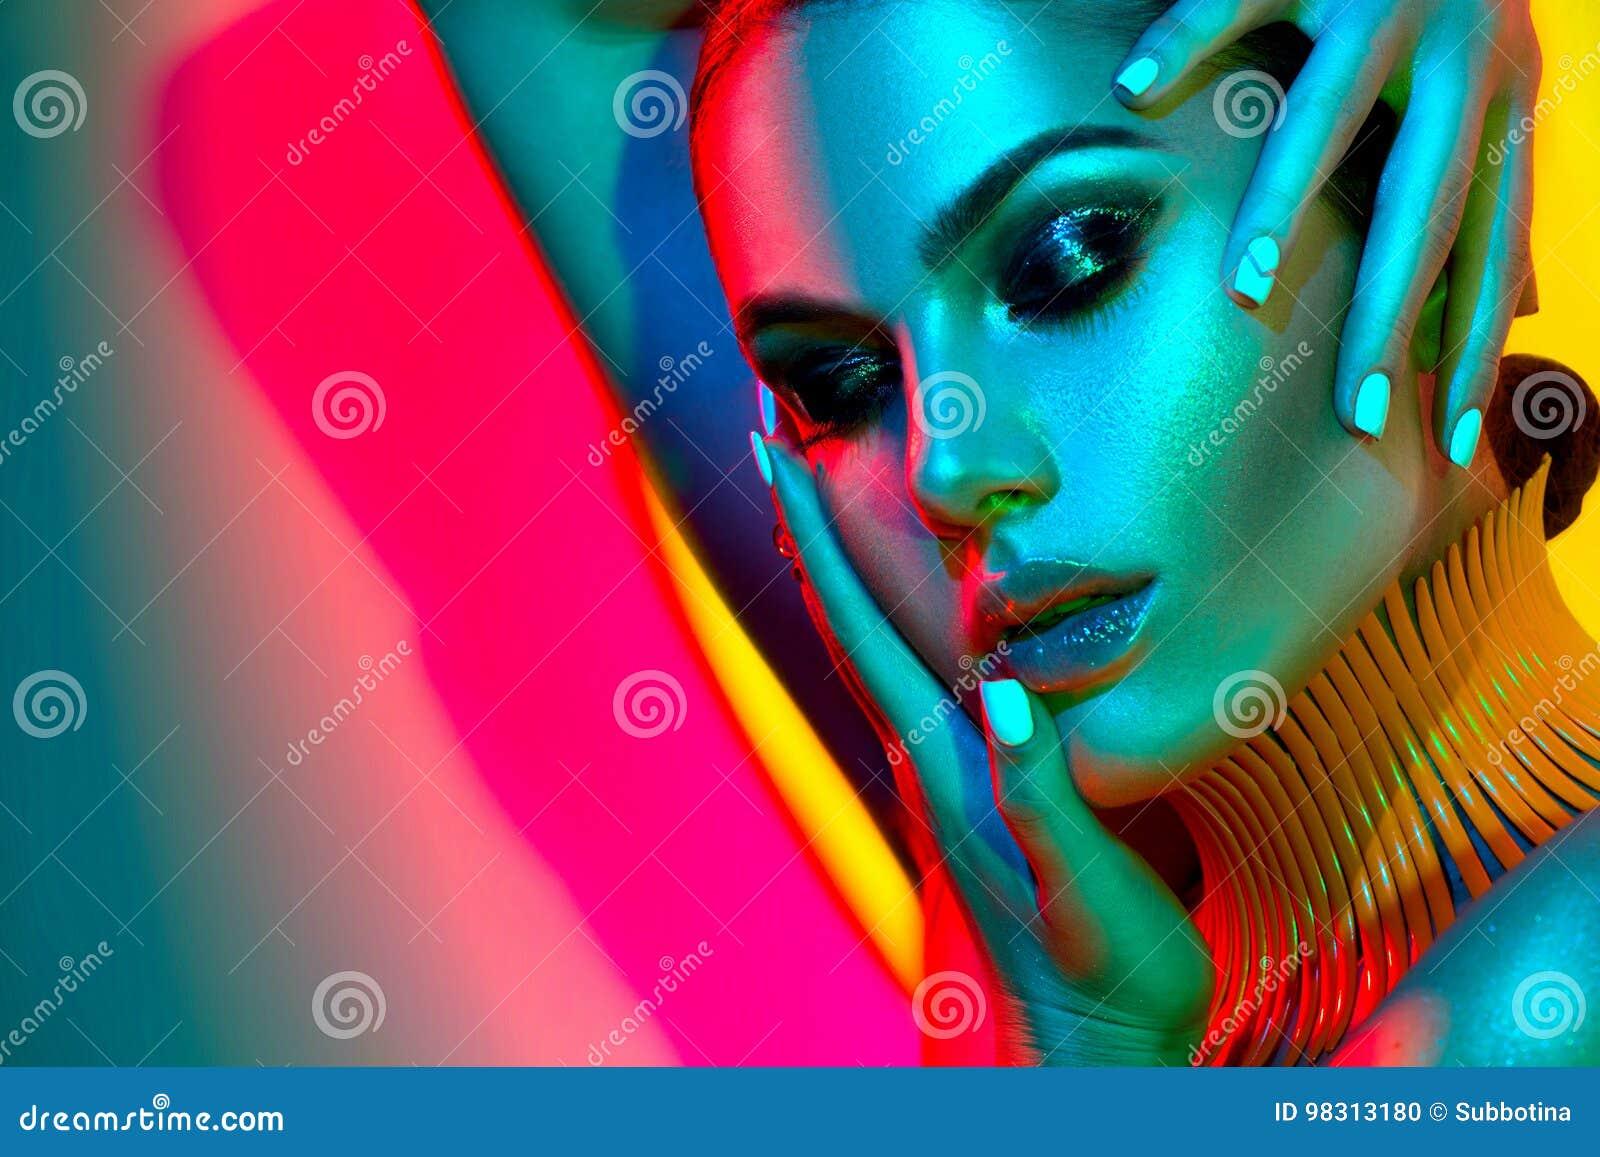 Mode-Modell-Frau mit modischem Make-up und Maniküre